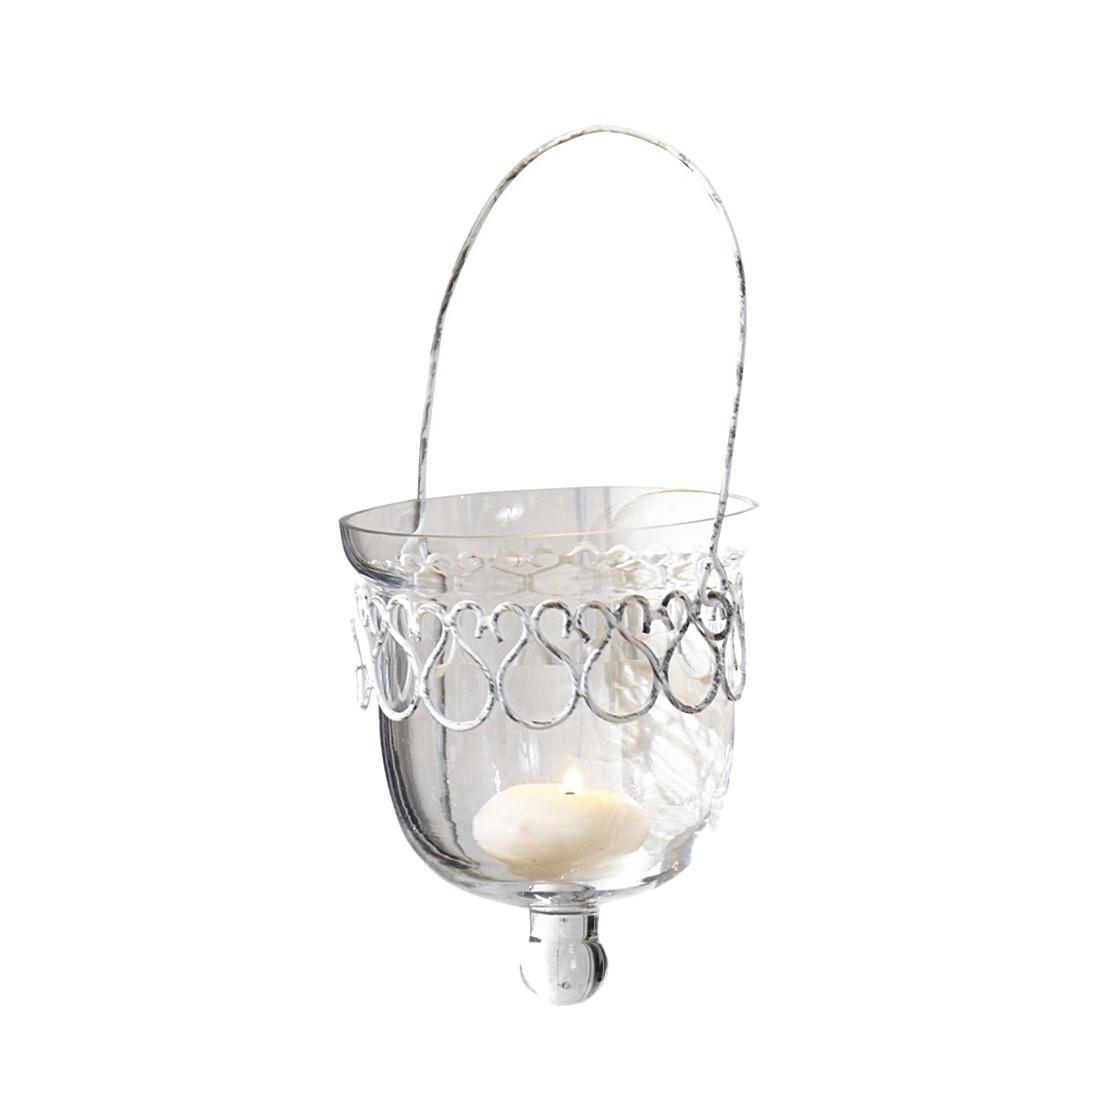 Windlichter, 2er Set Esme – Glas und Metall klar, Loberon günstig online kaufen